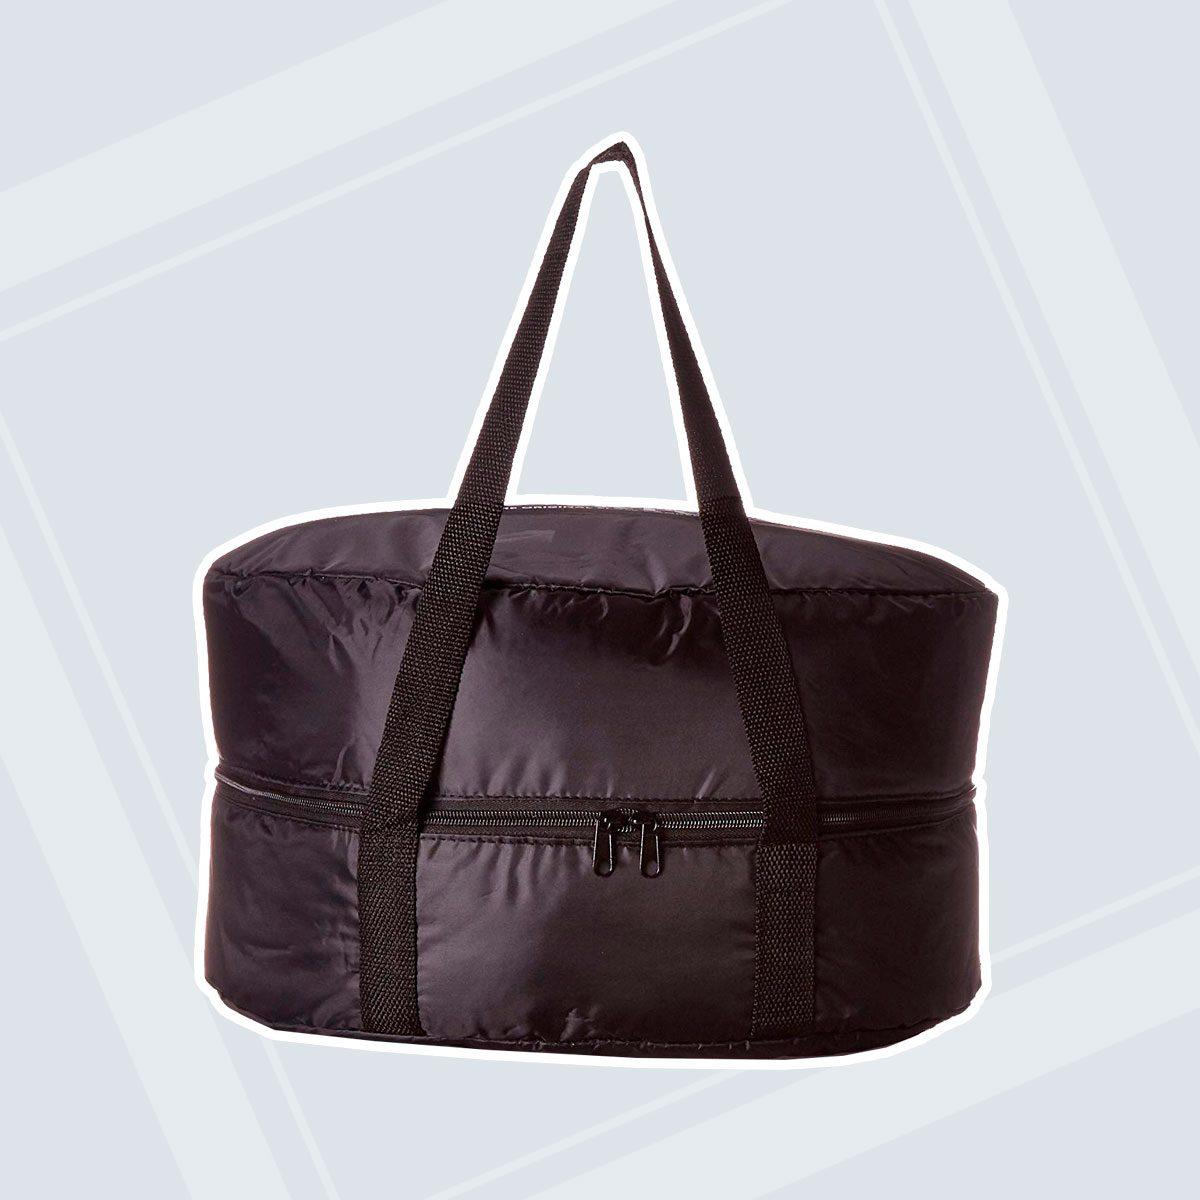 Slow Cooker Travel Bag